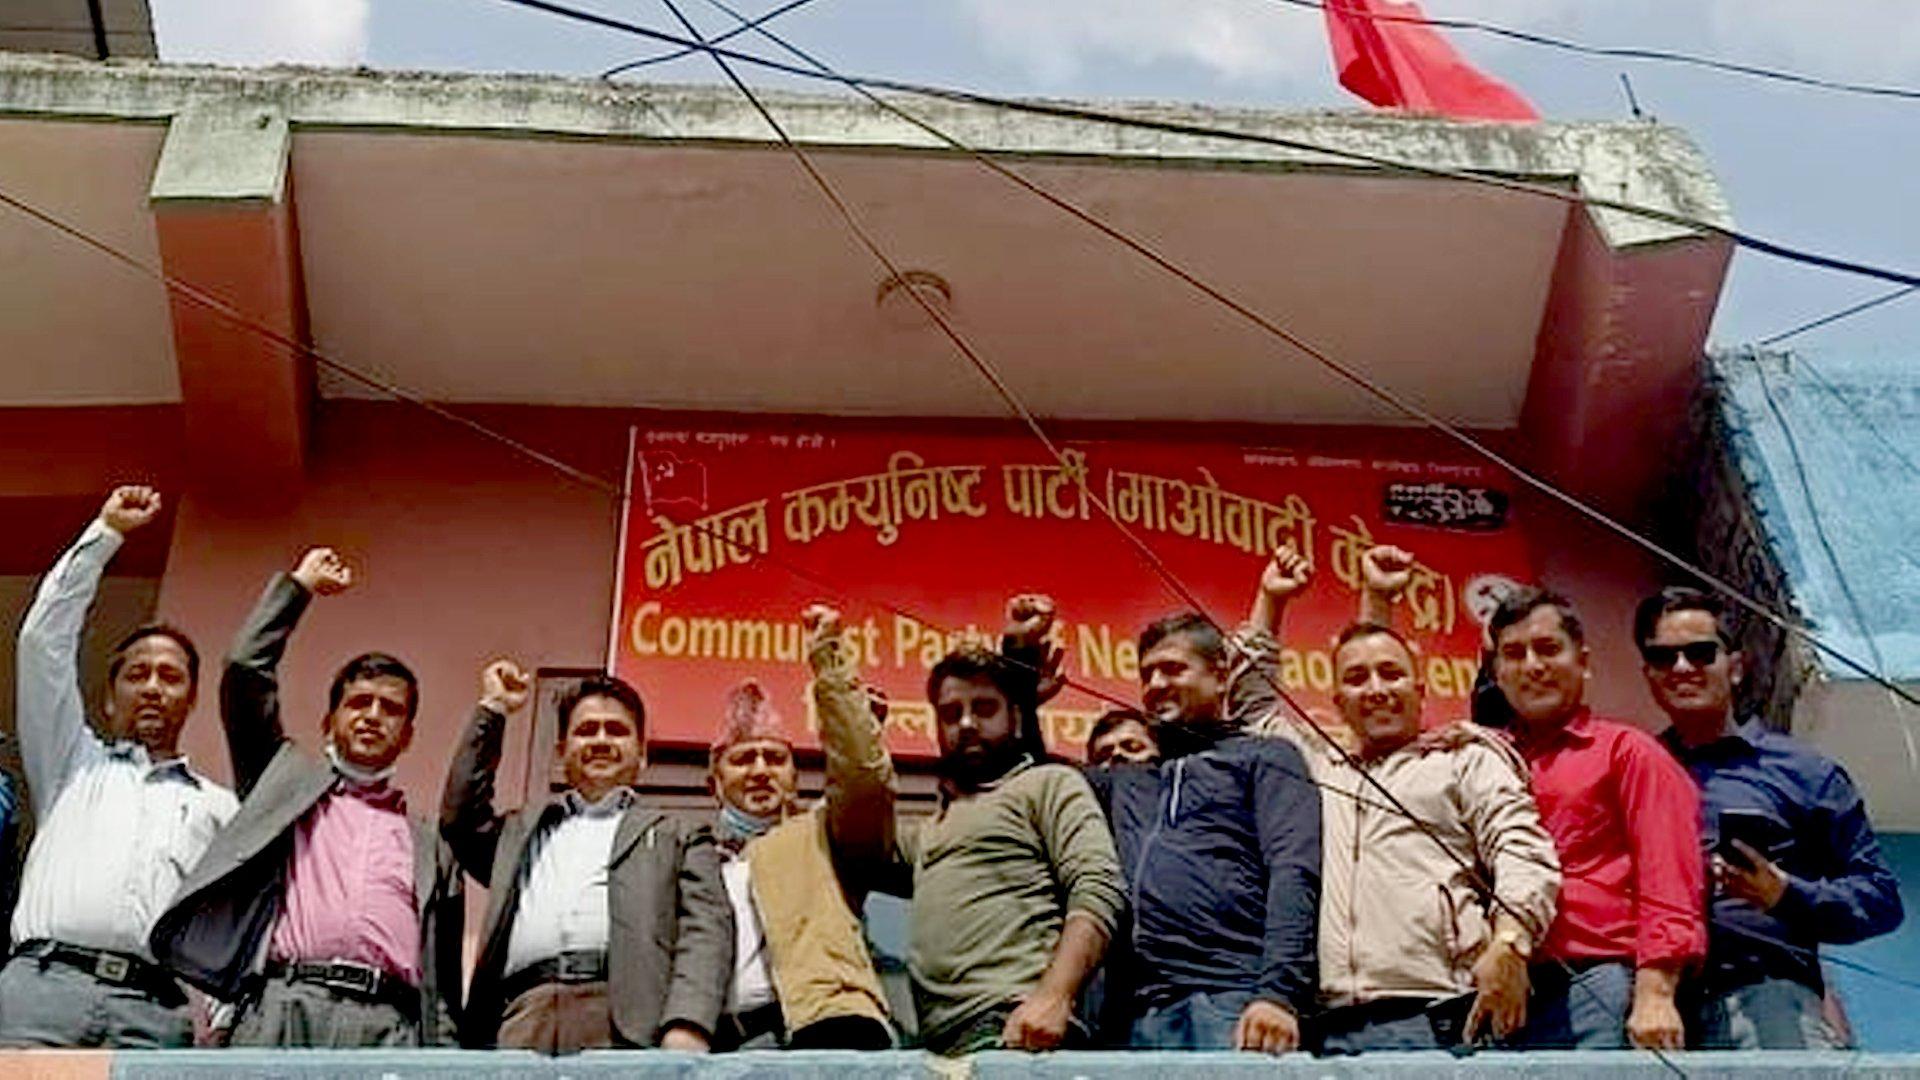 नेपाल कम्युनिष्ट पार्टी (माओवादी केन्द्र) धादिङको कार्यालय स्थापना